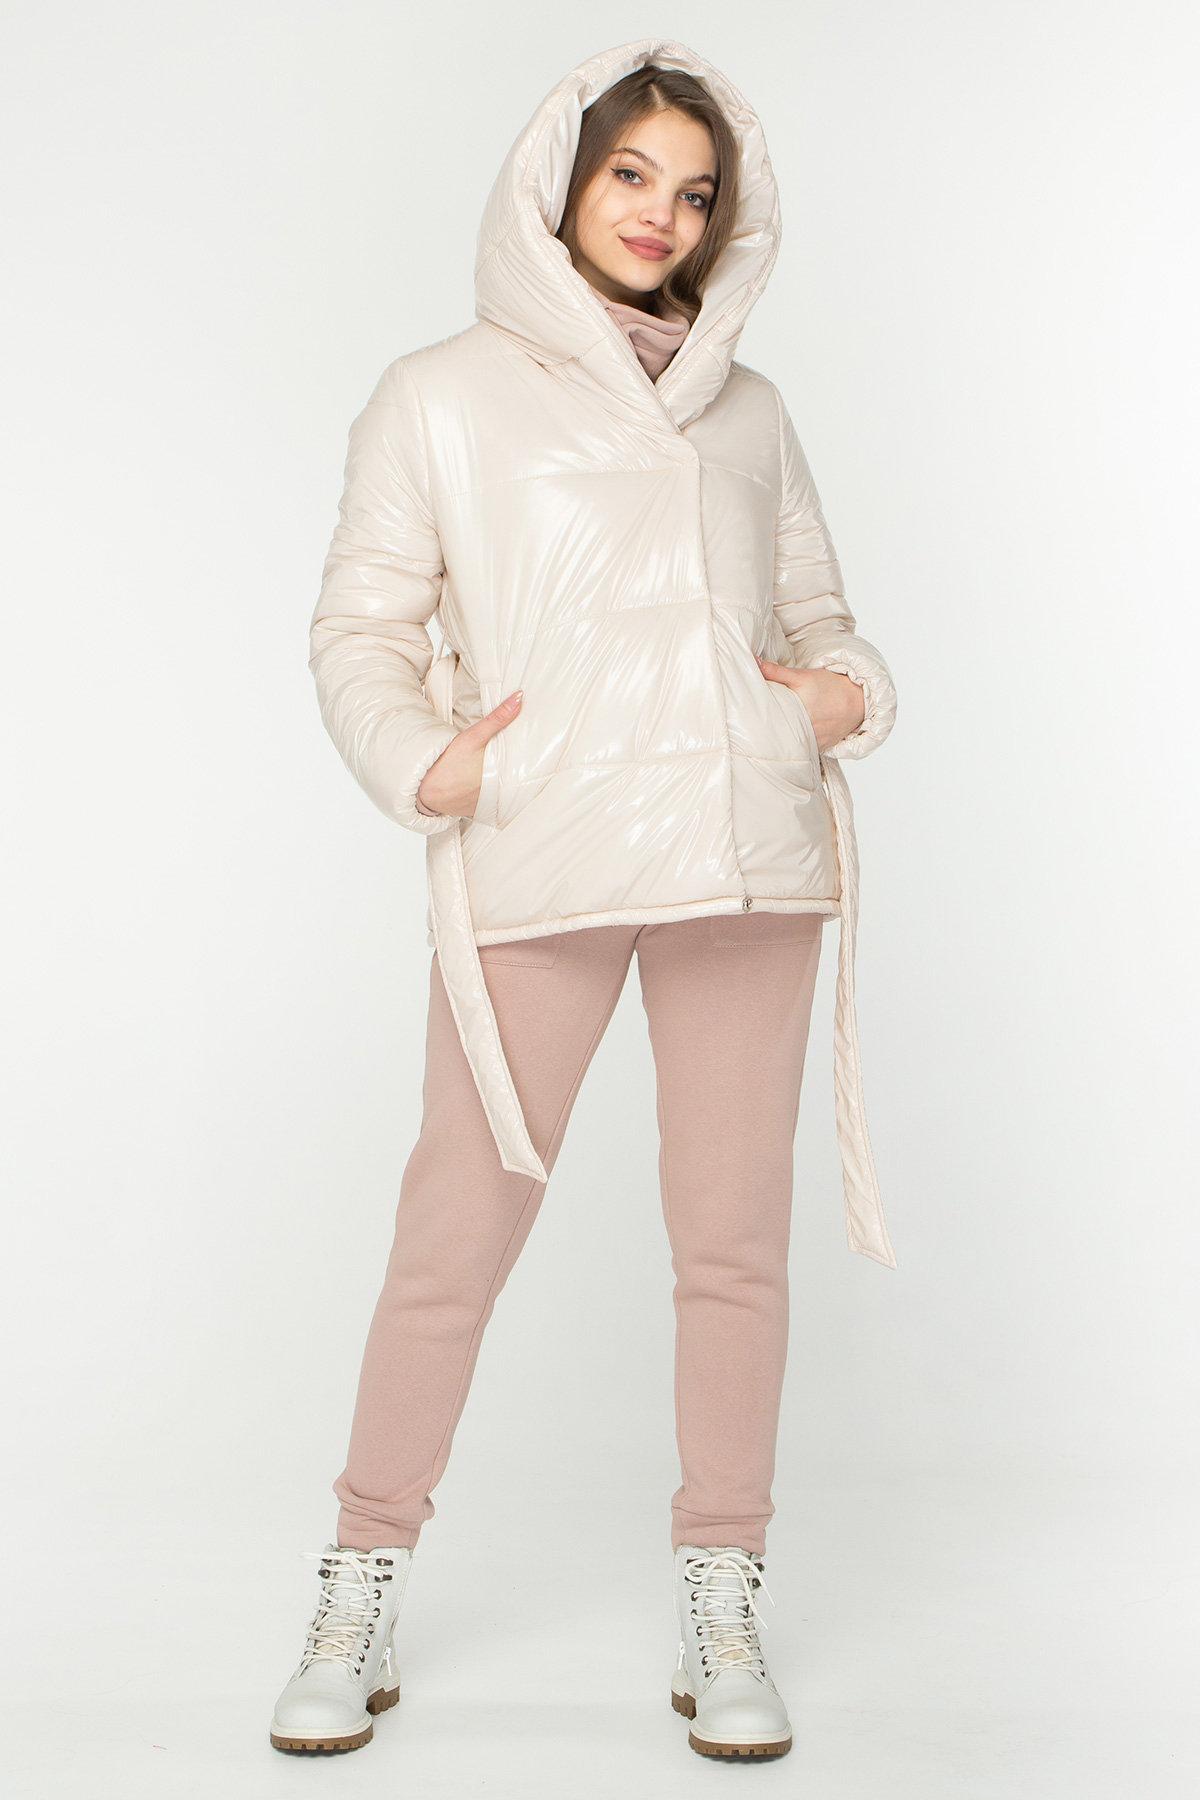 Лаковая куртка пуховик с поясом Бумер 8696 АРТ. 45156 Цвет: светло бежевый - фото 2, интернет магазин tm-modus.ru